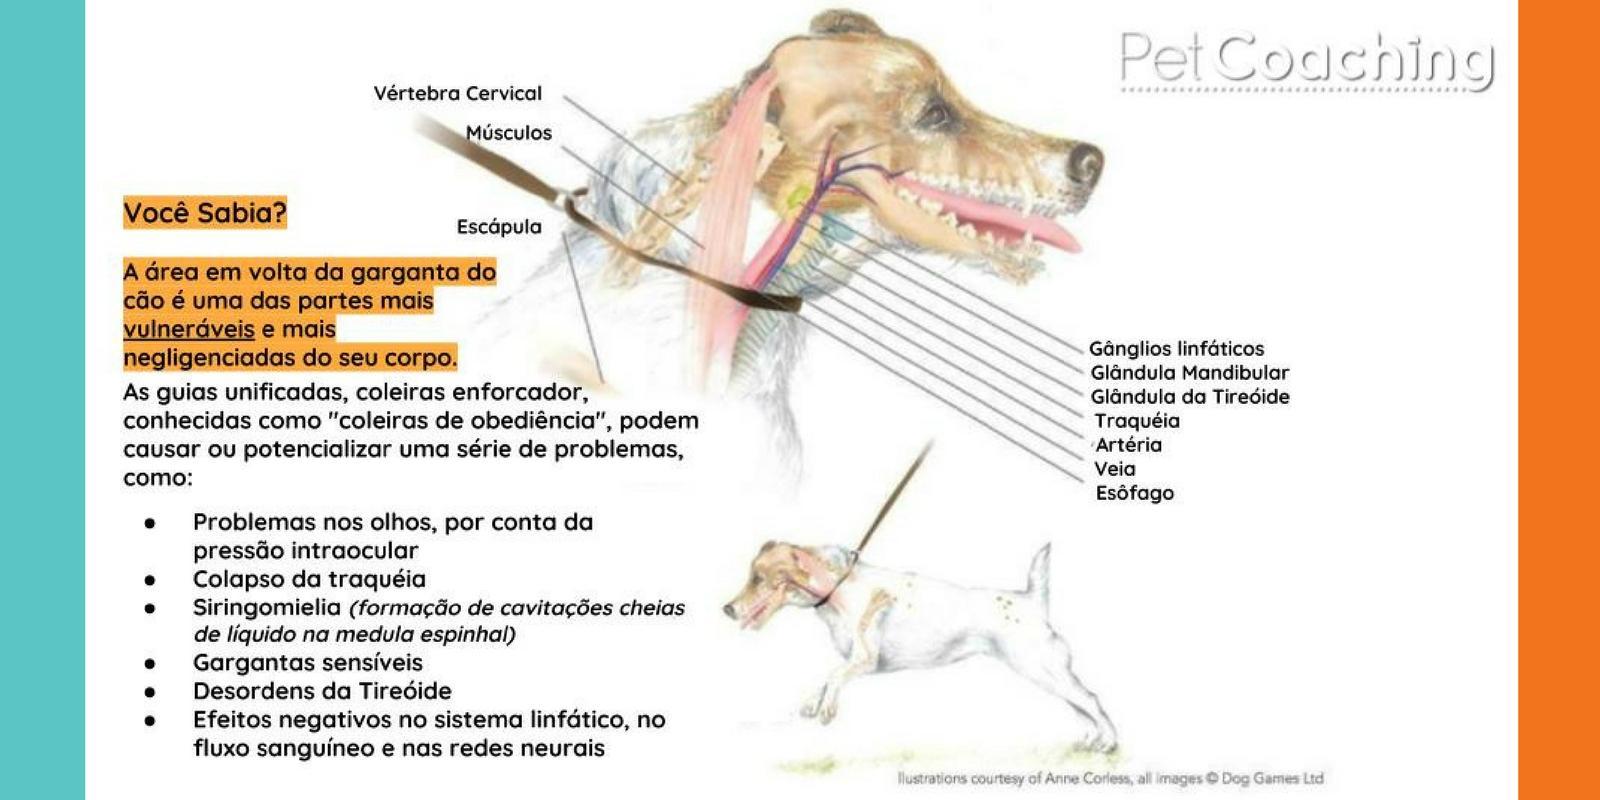 1654adbf6 Post de Esclarecimento sobre o não uso do Enforcador - PetCoaching